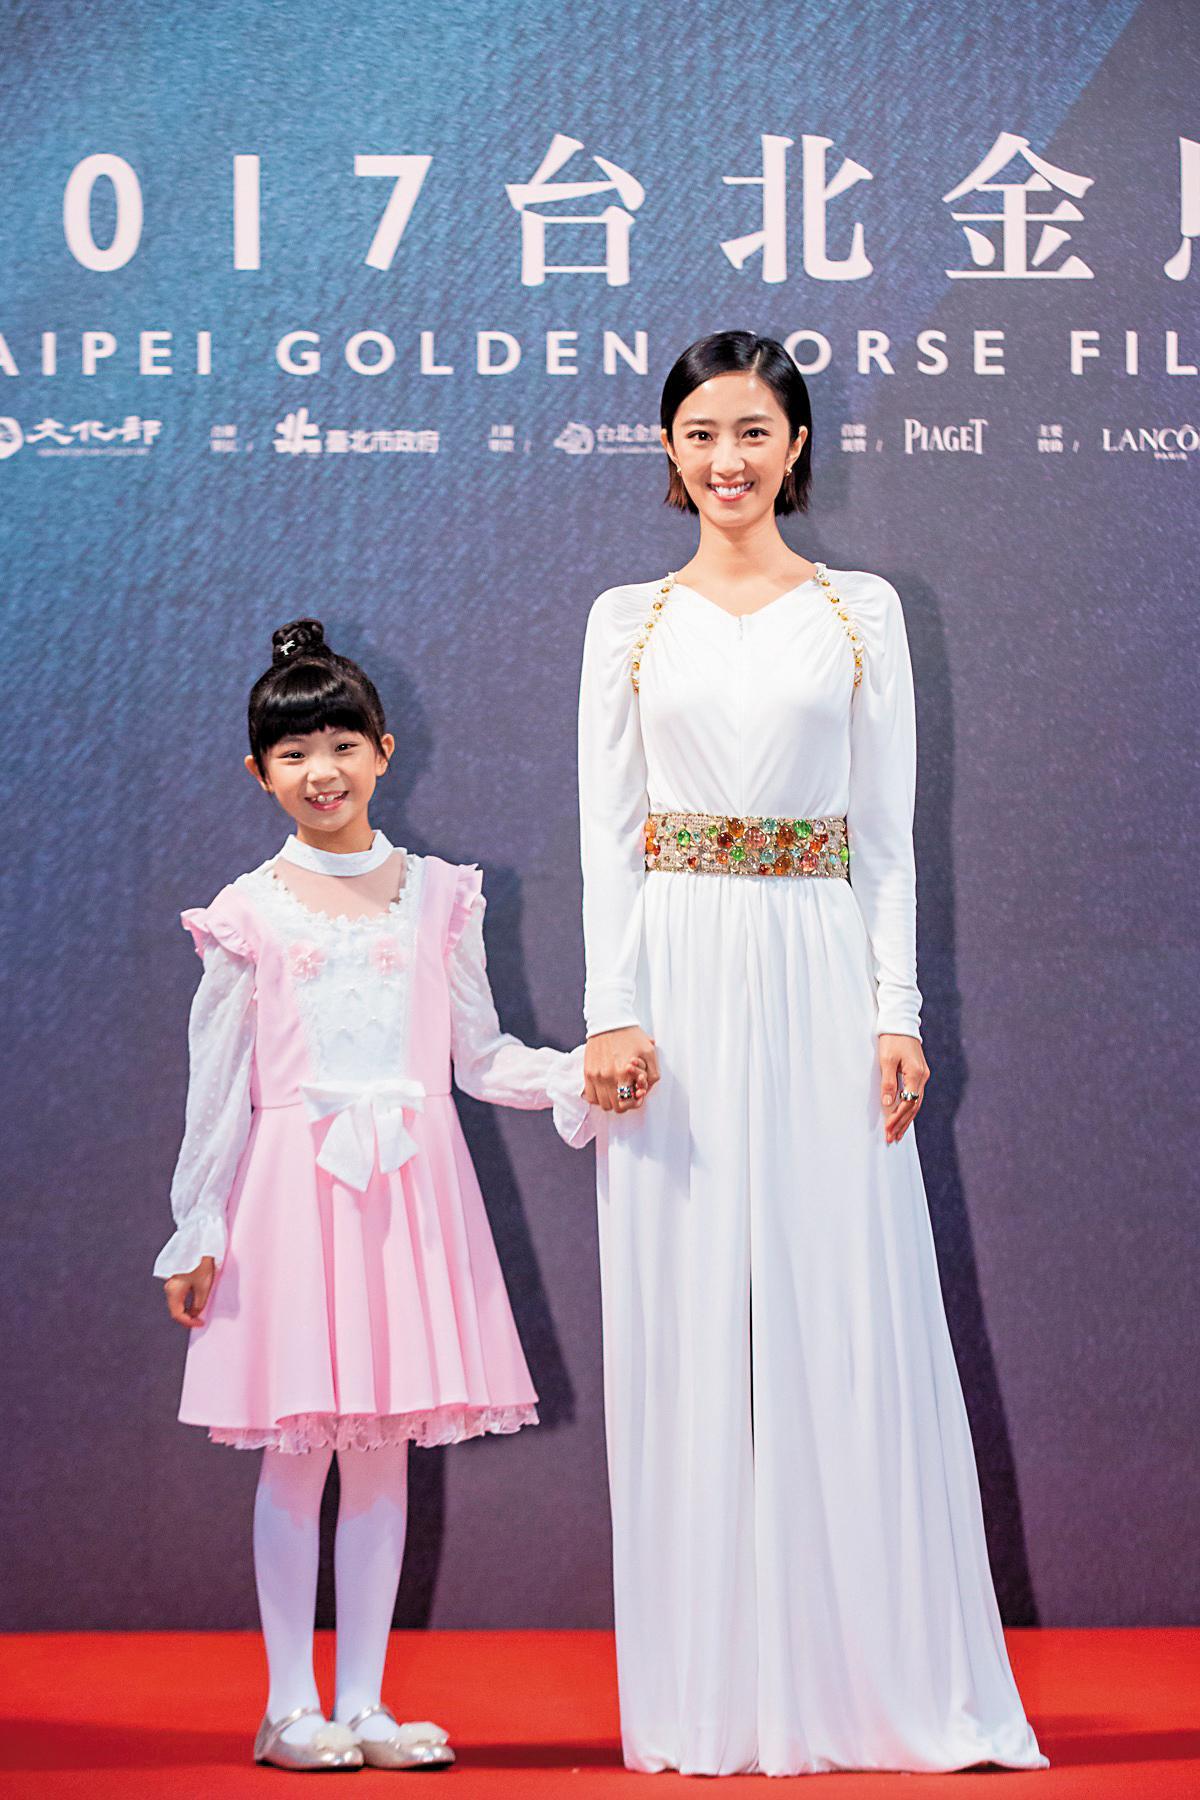 為成人小琪配音的女星桂綸鎂(右)與替童年小琪配音的吳以涵一起出席金馬影展閉幕式。(傳影互動提供)